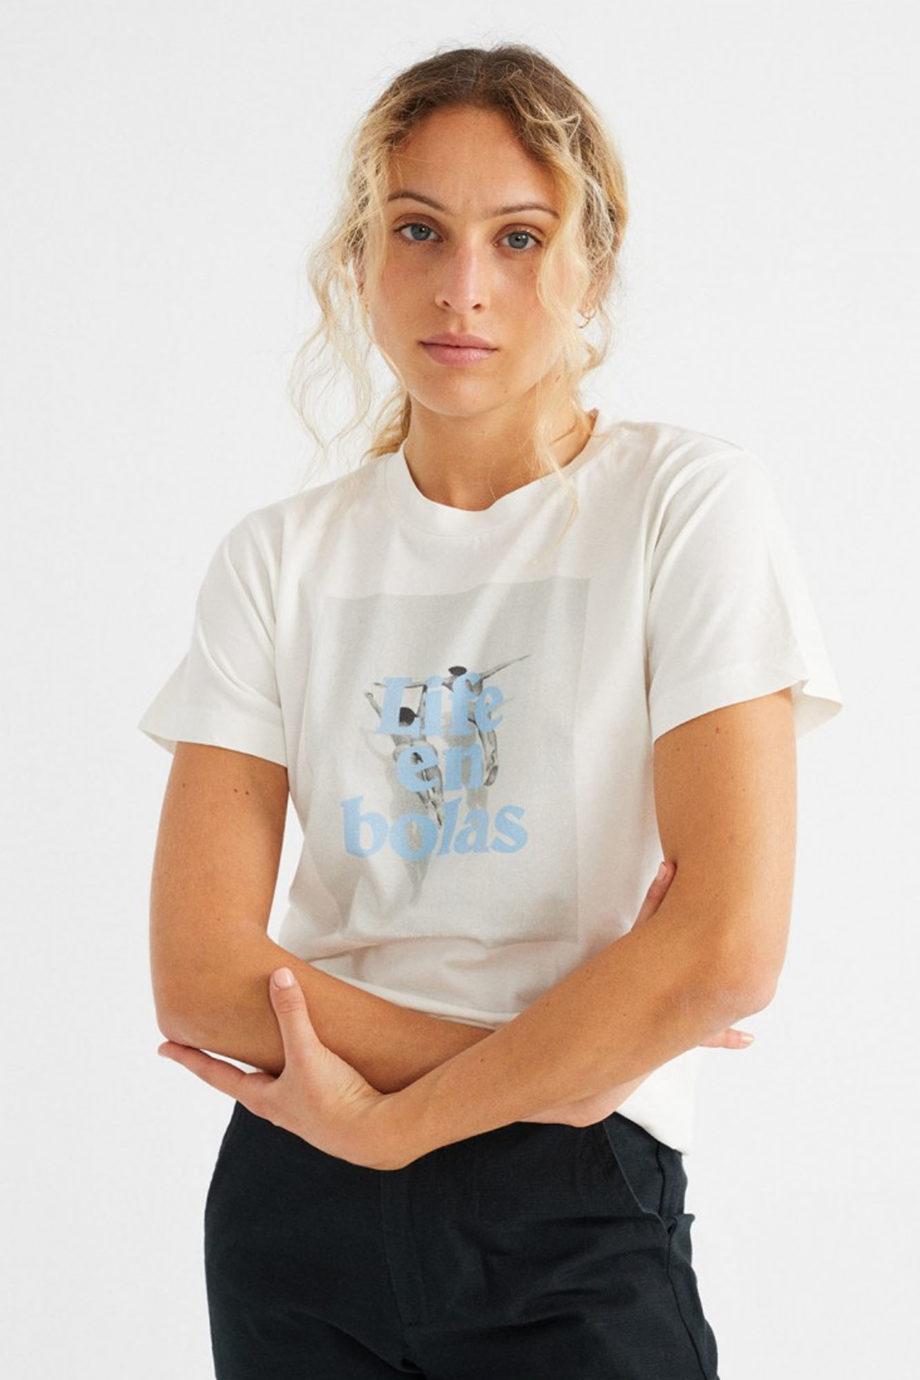 HINKING-MU-camiseta-LIFE-EN-BOLAS